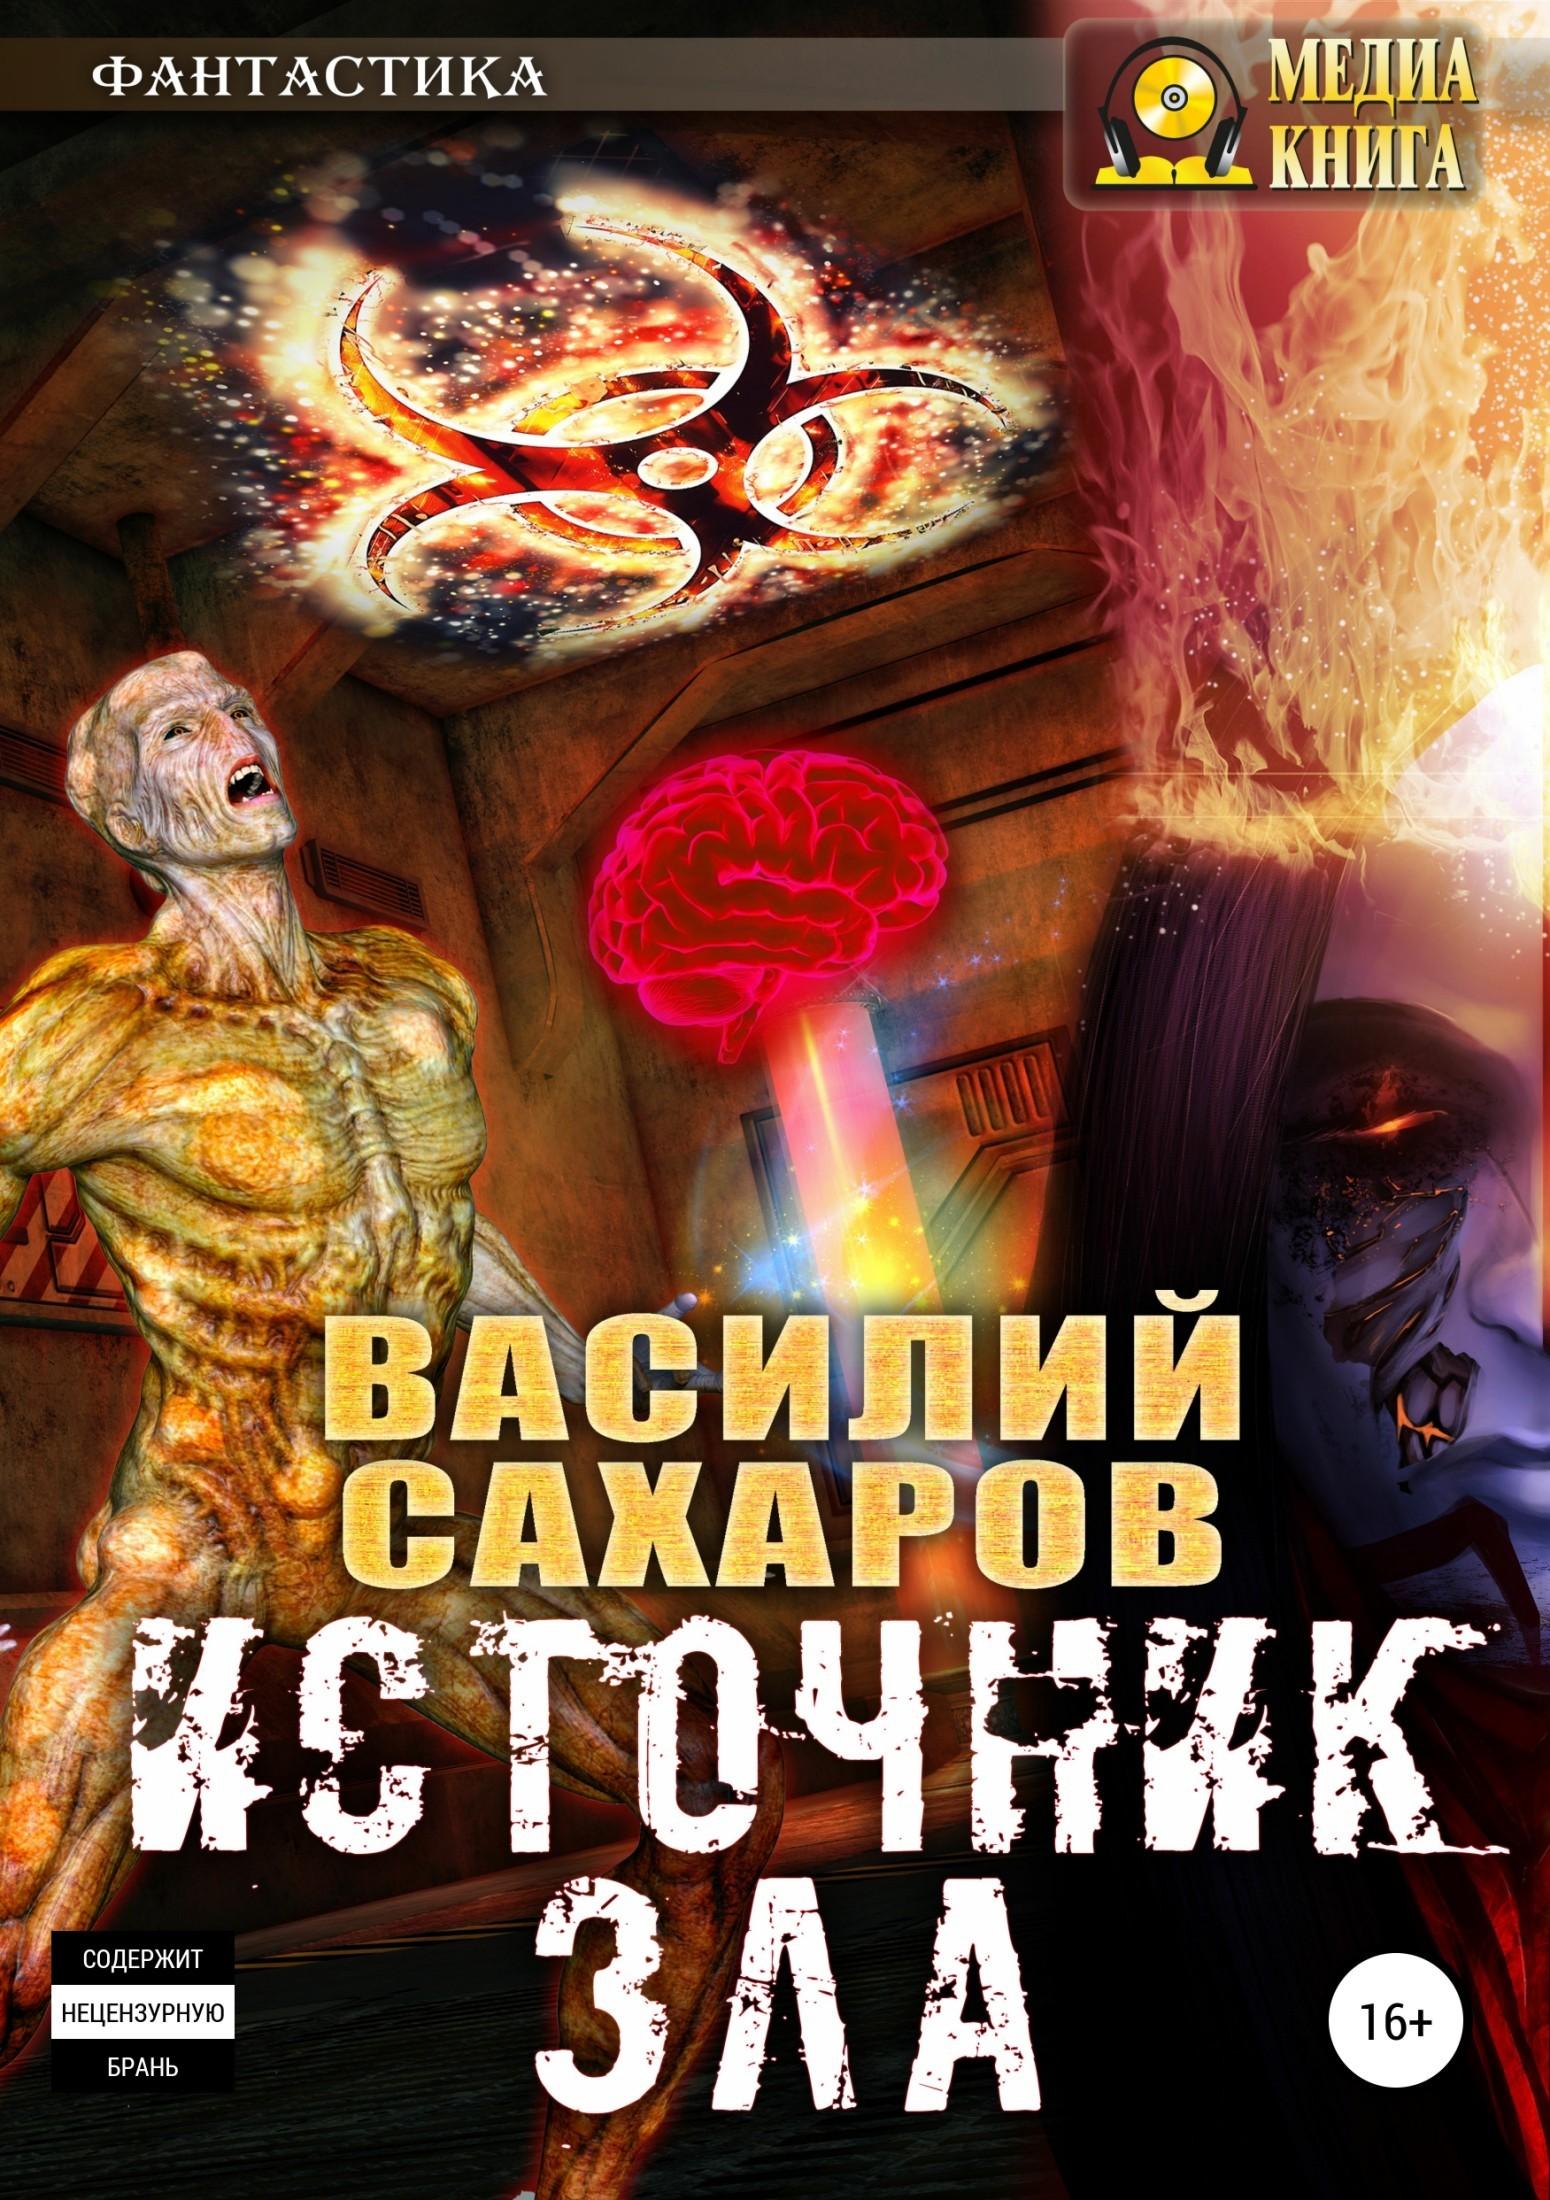 Василий Сахаров Источник зла источник магии